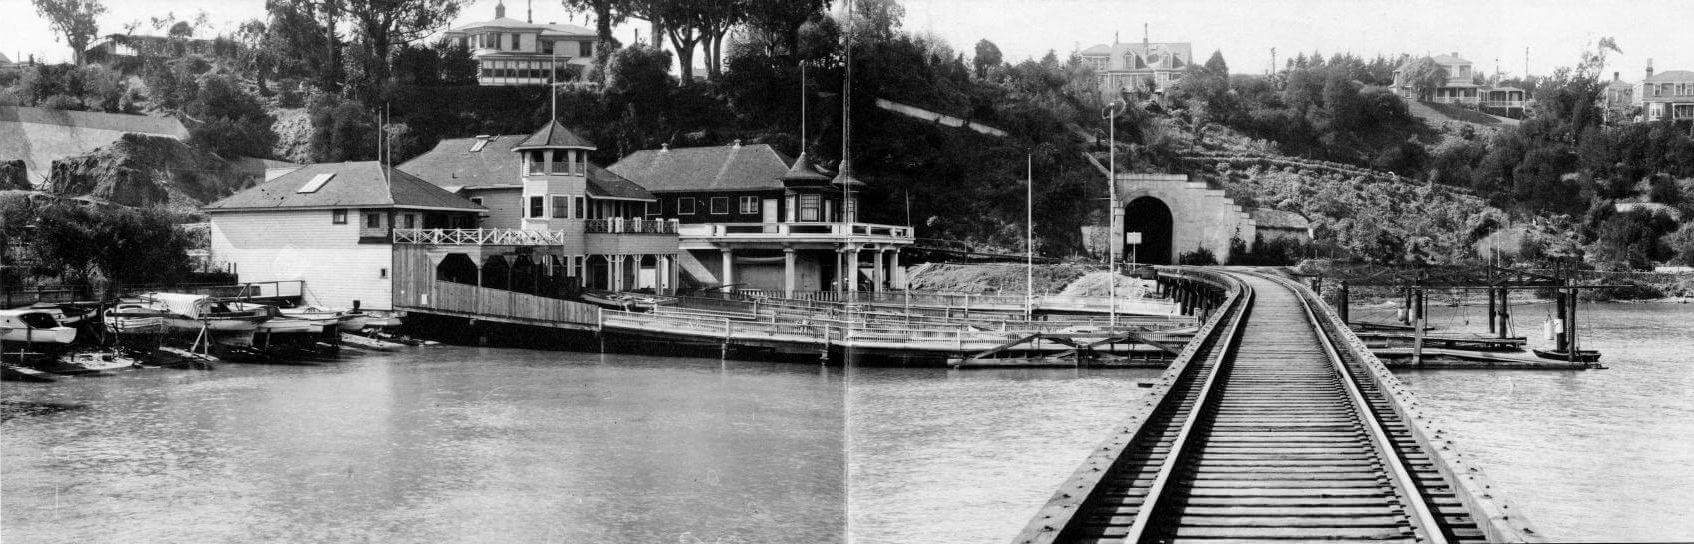 Belt Line RR at Aquatic Park 1918